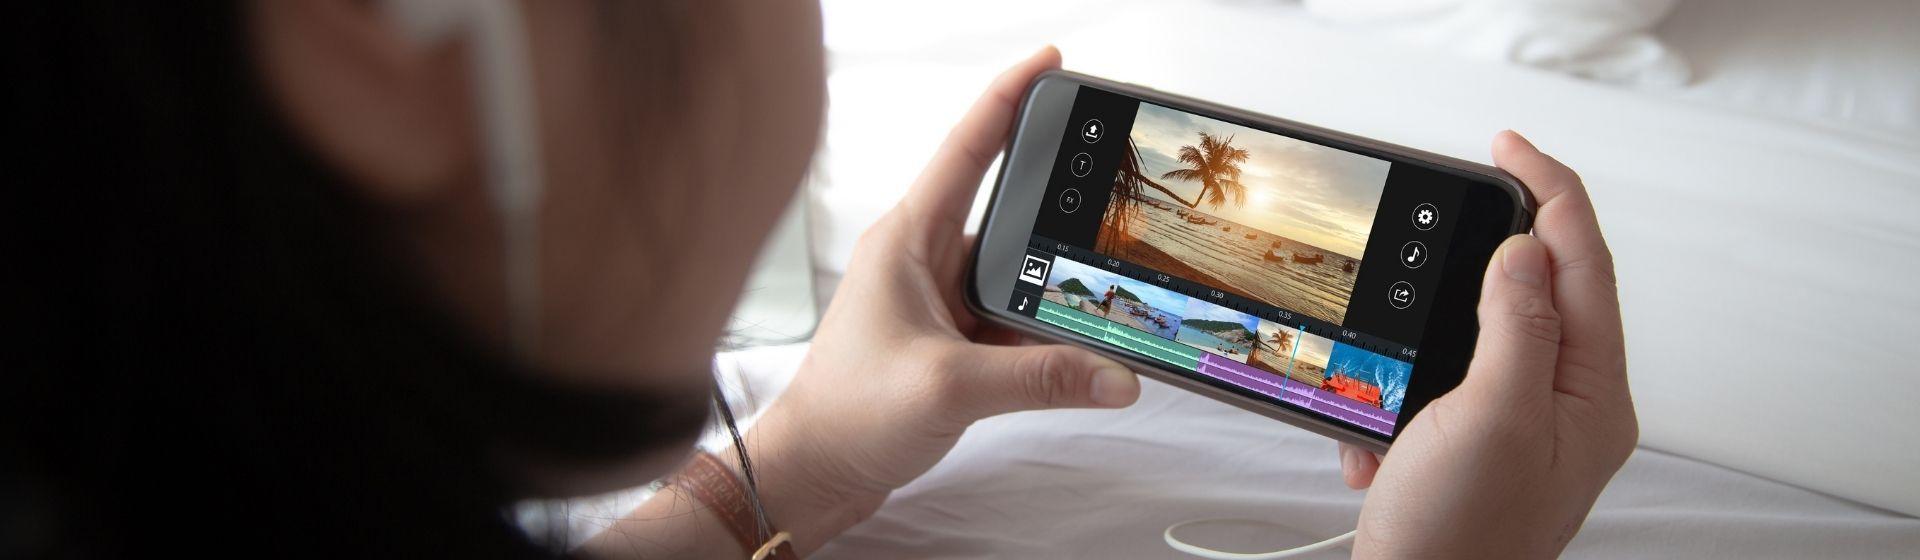 Mulher no canto esquerdo com fone de ouvido segura celular com as duas mãos e vídeo na tela